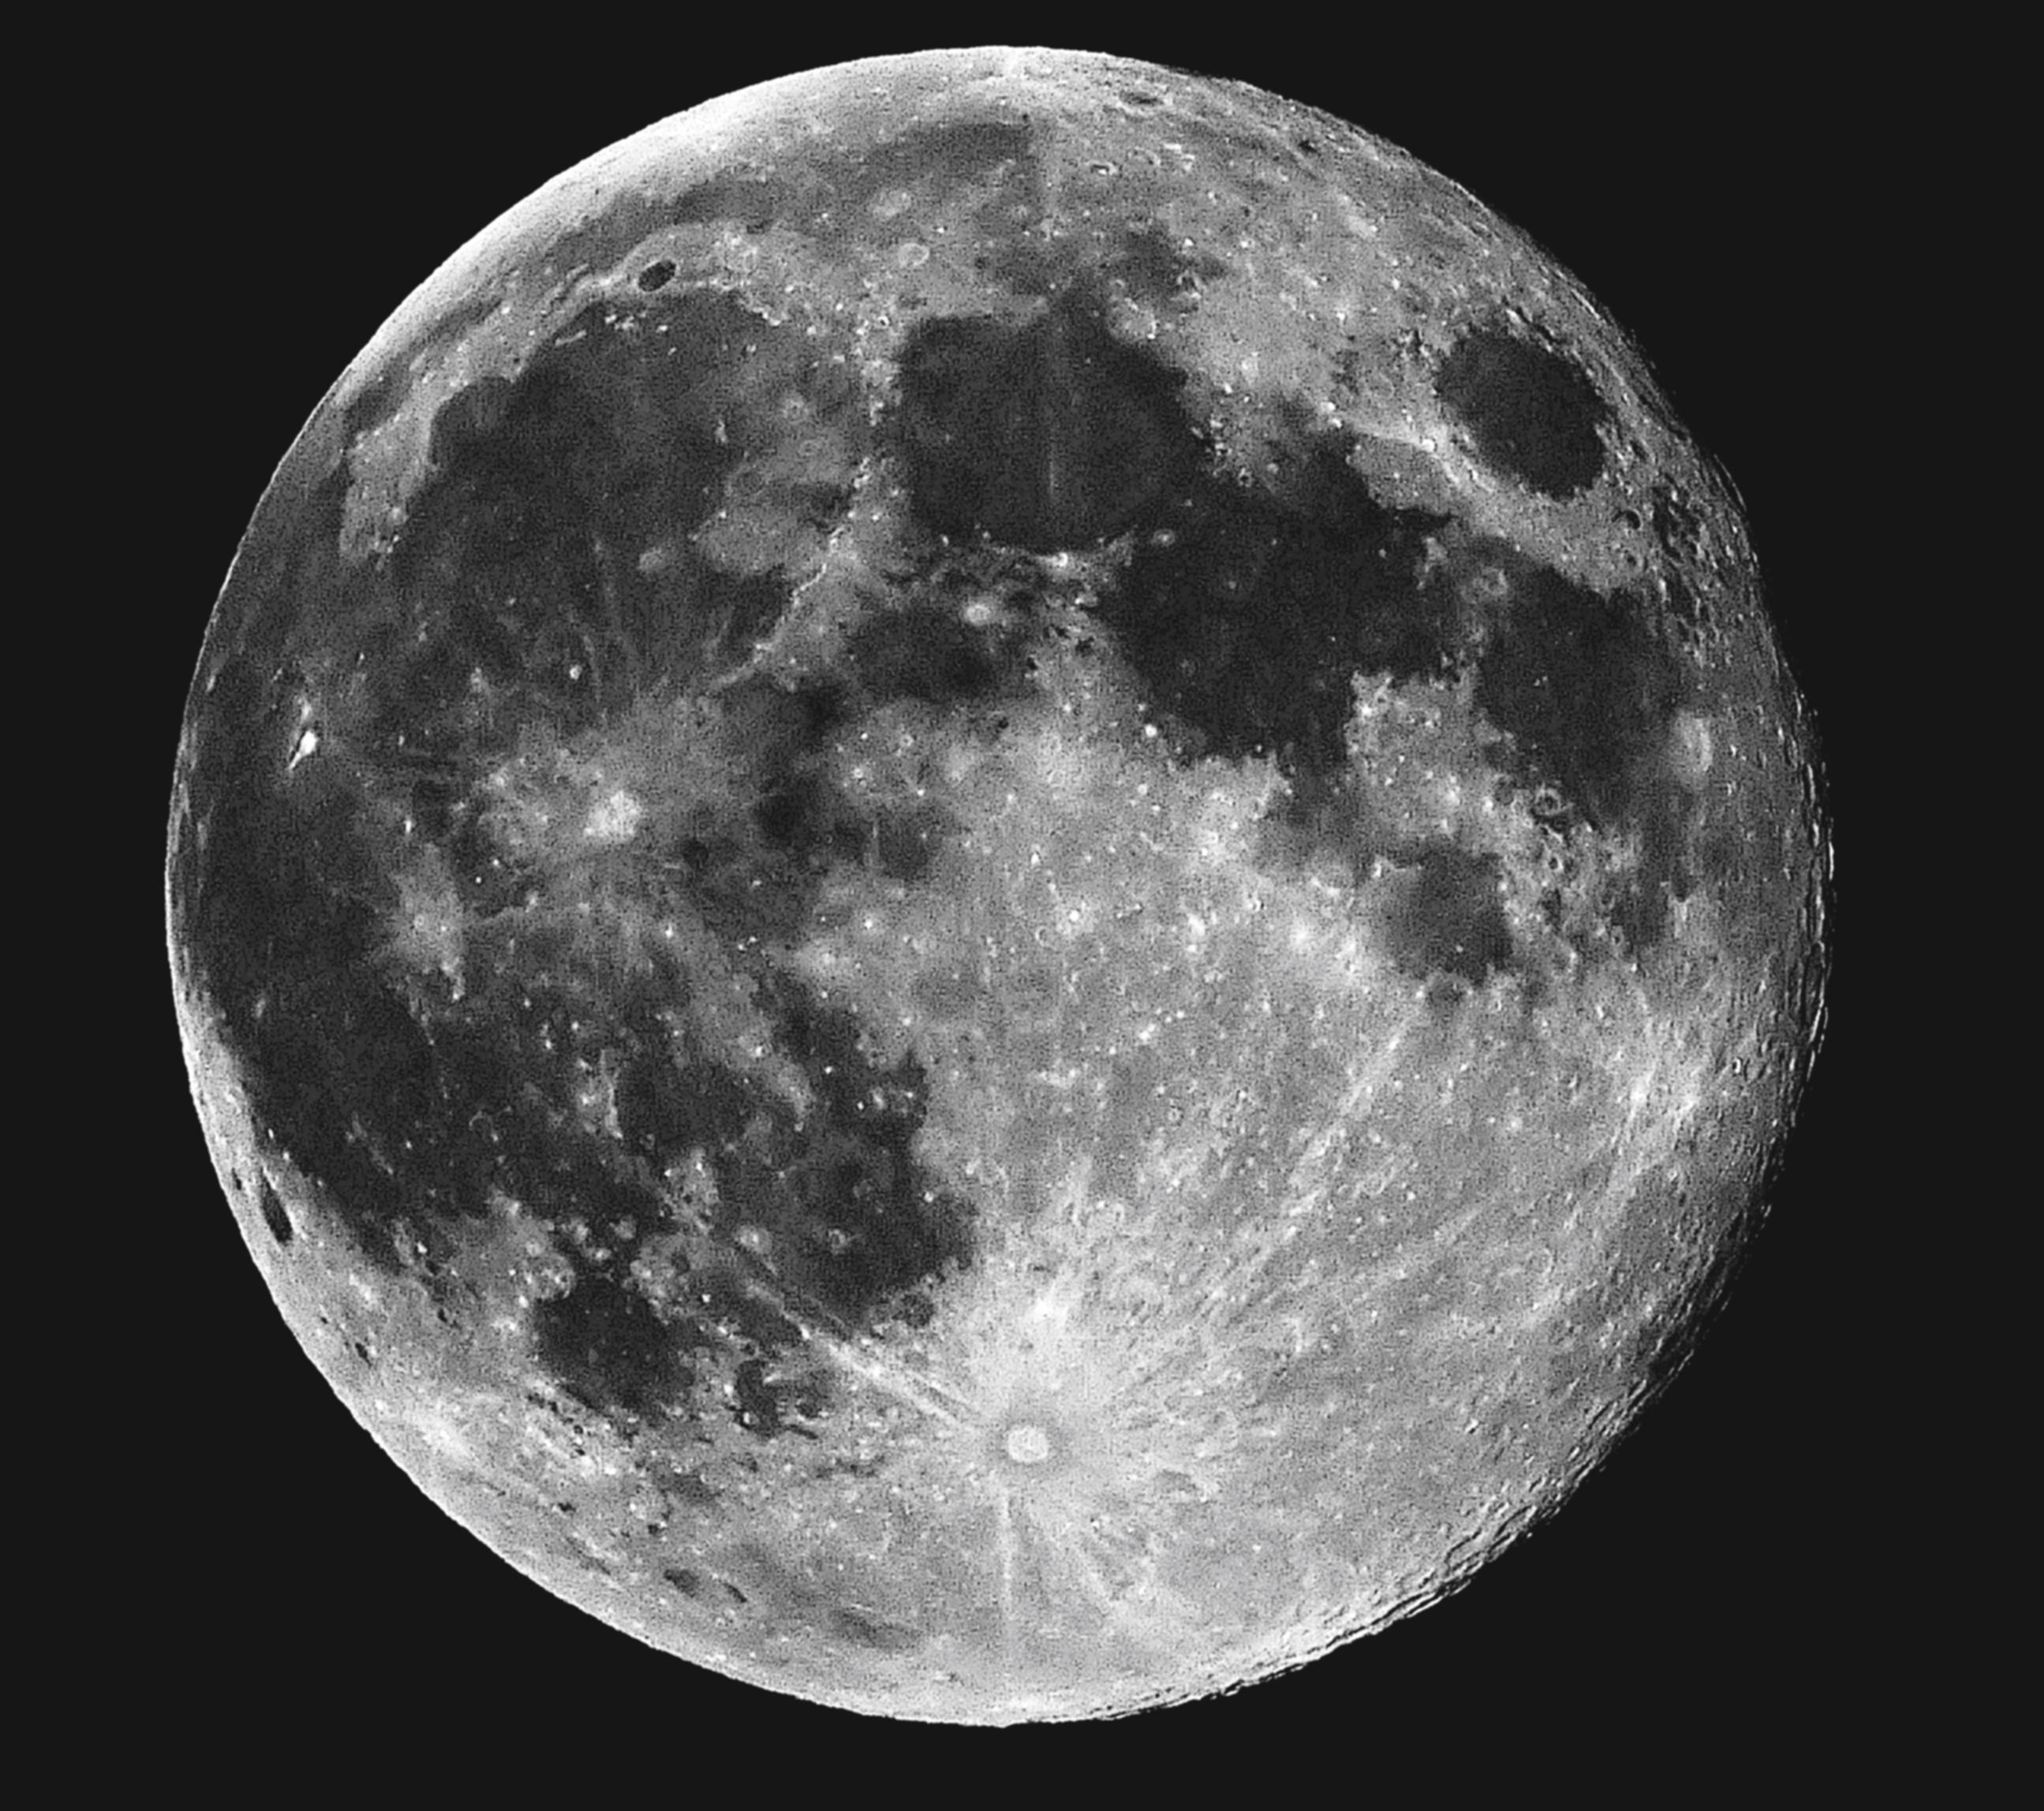 Calendar News Tonight Lunar Whens The Next Full Moon Januarys Snow Moon Explained 2016 Full Moon Calendar